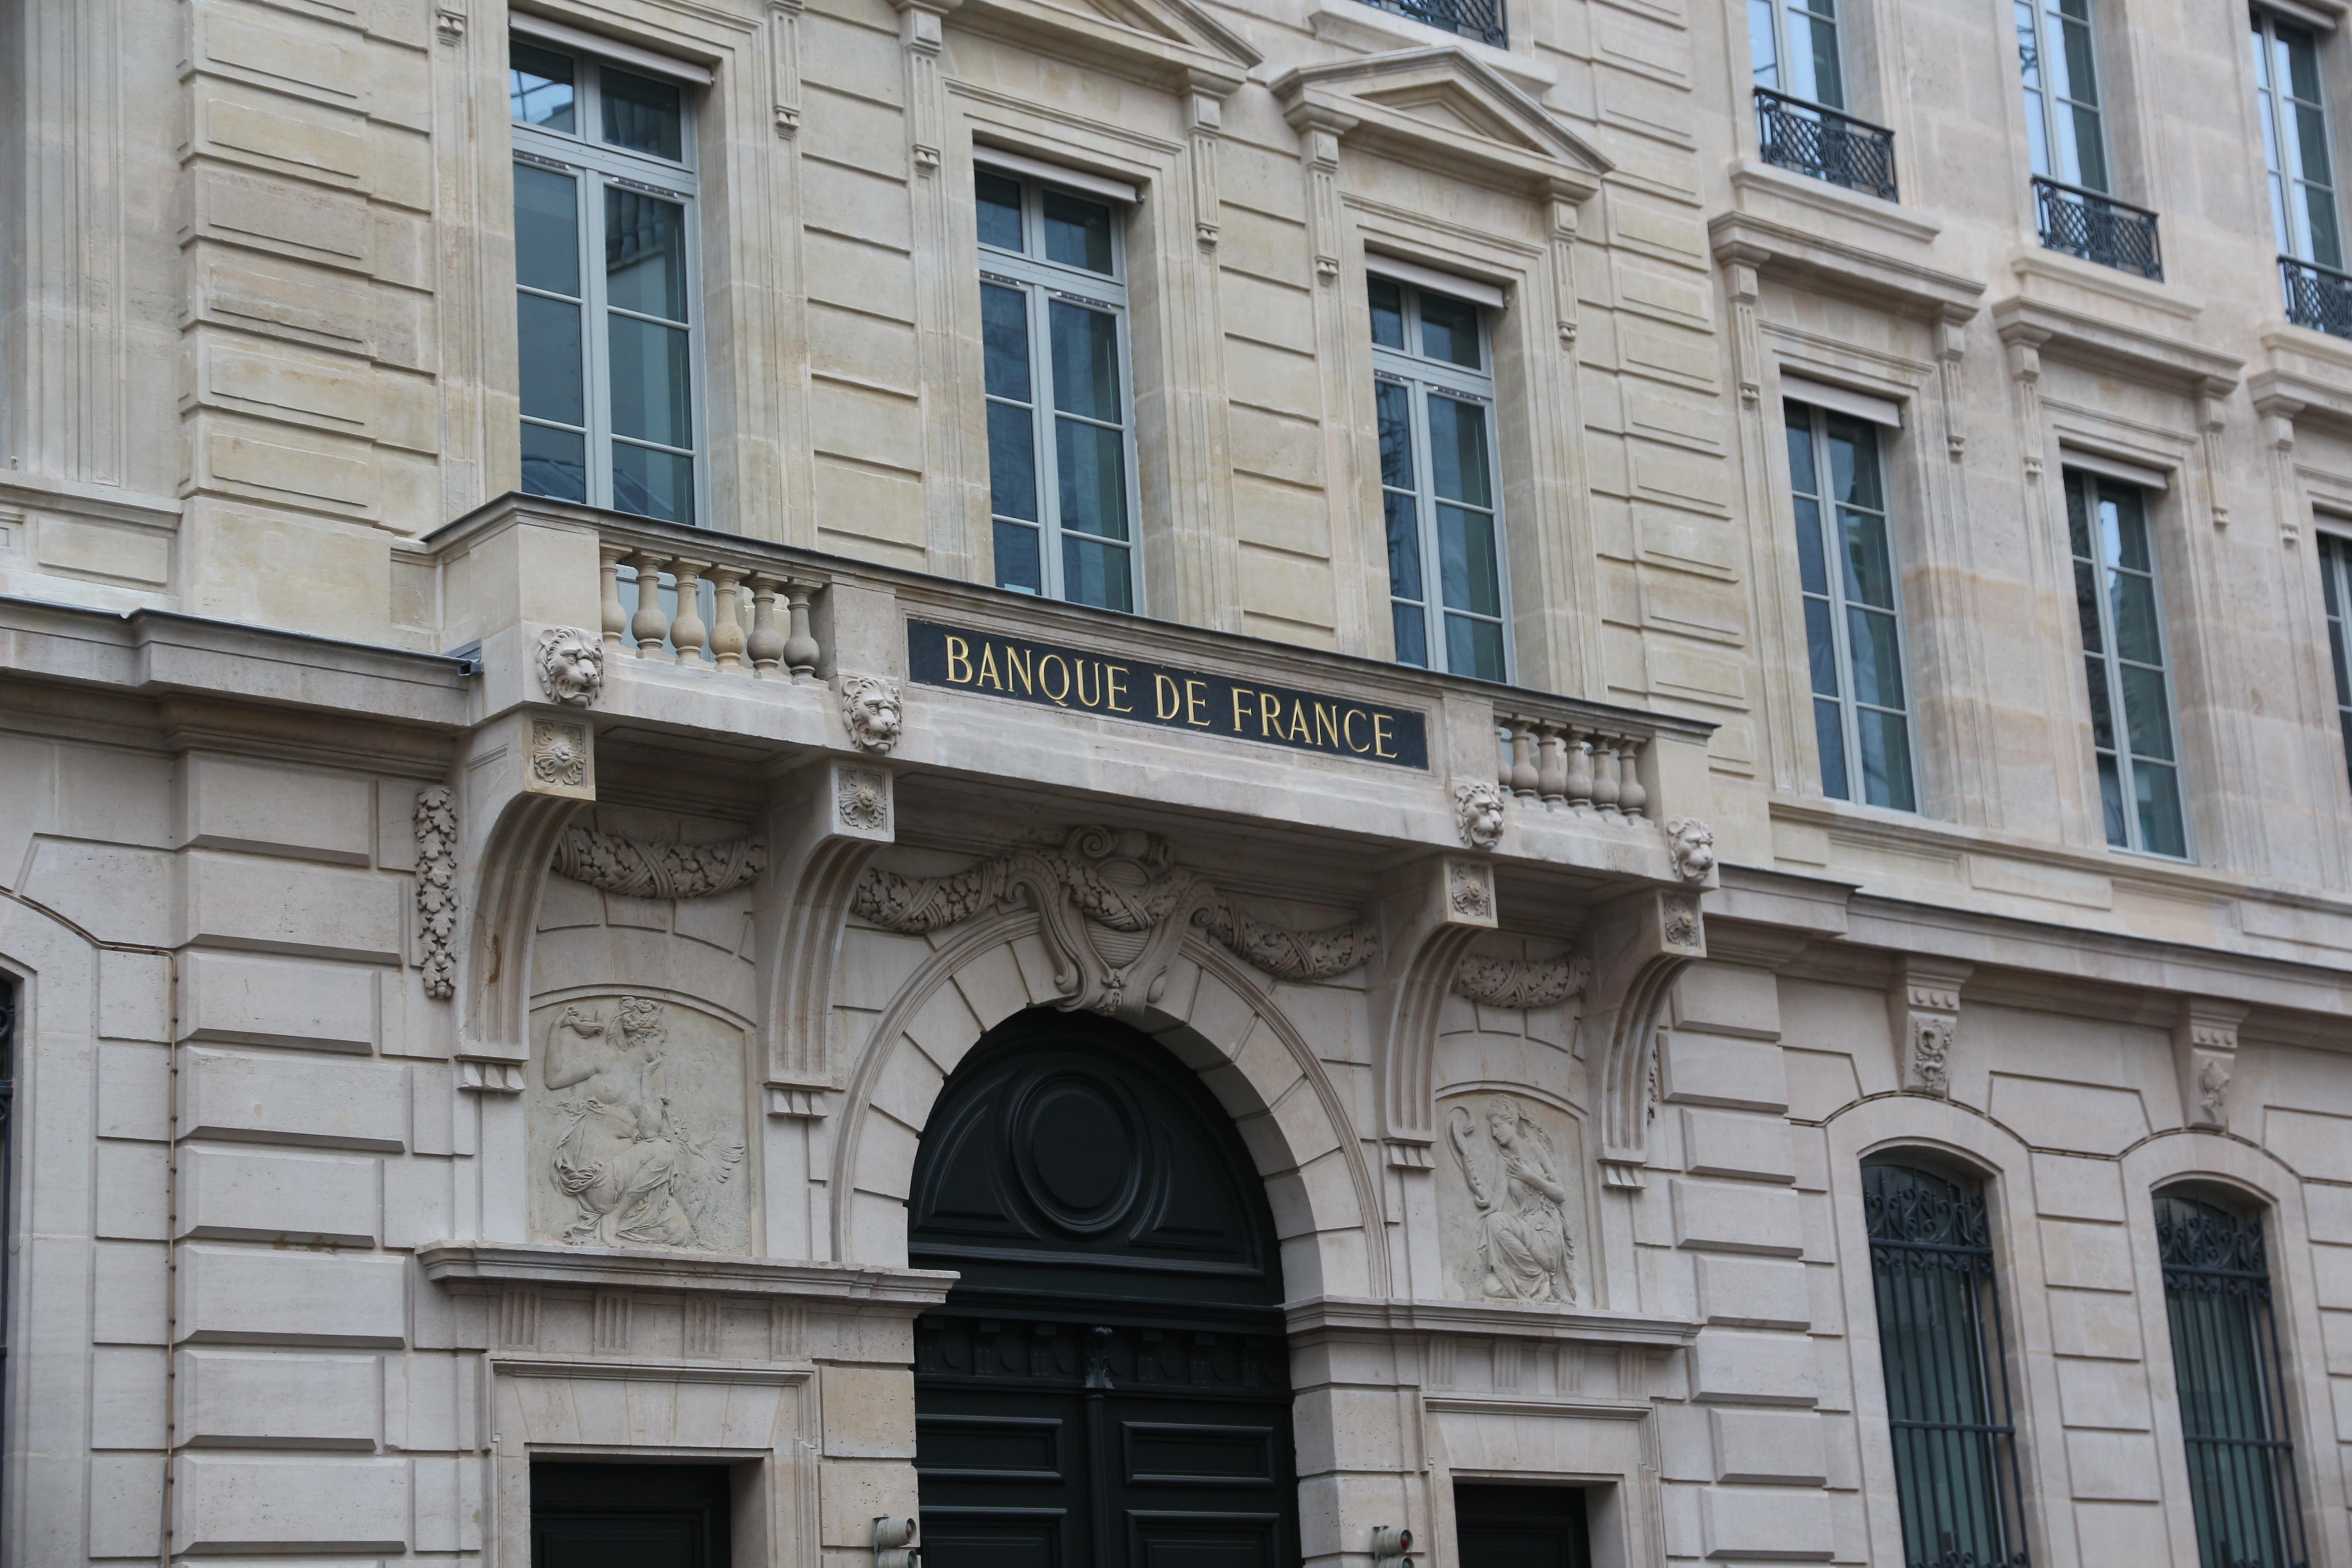 l'Hôtel de Toulouse